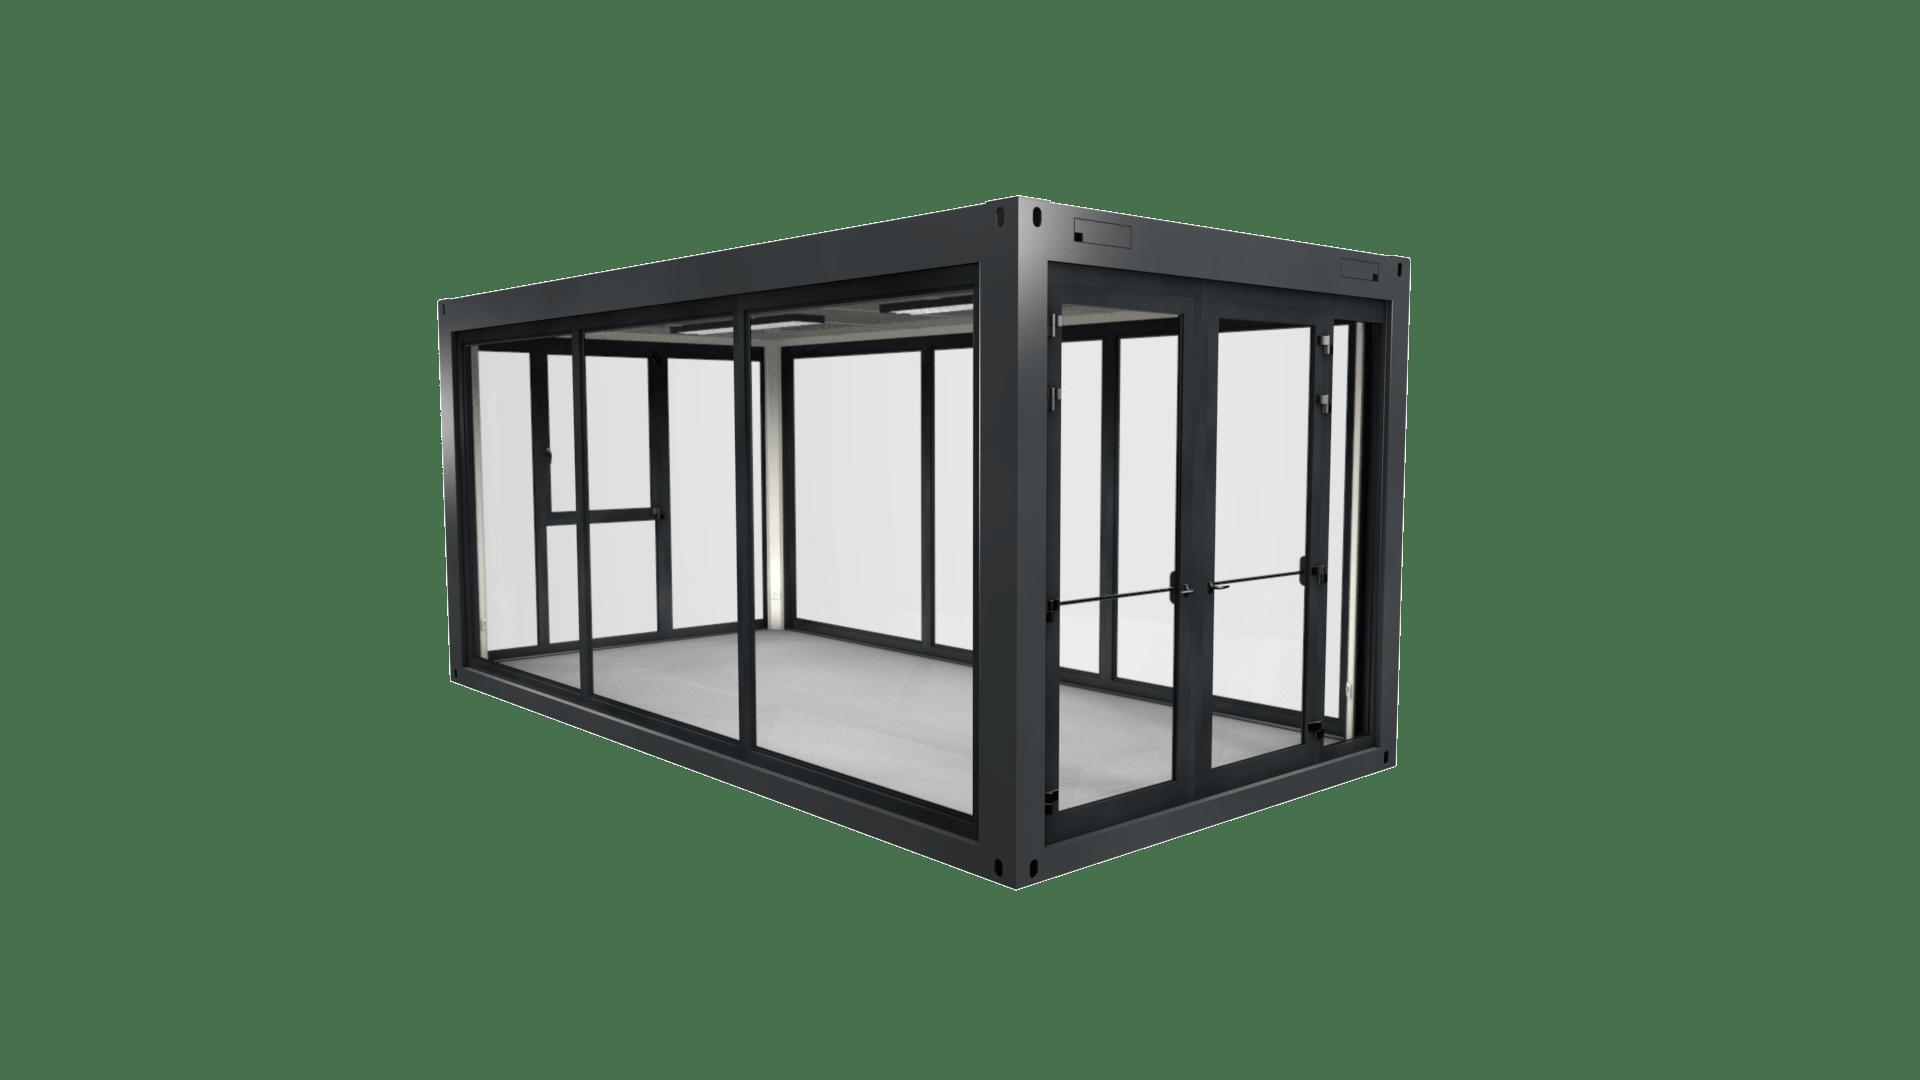 Container Modul 7 mit Panoramafenster und Verglasung